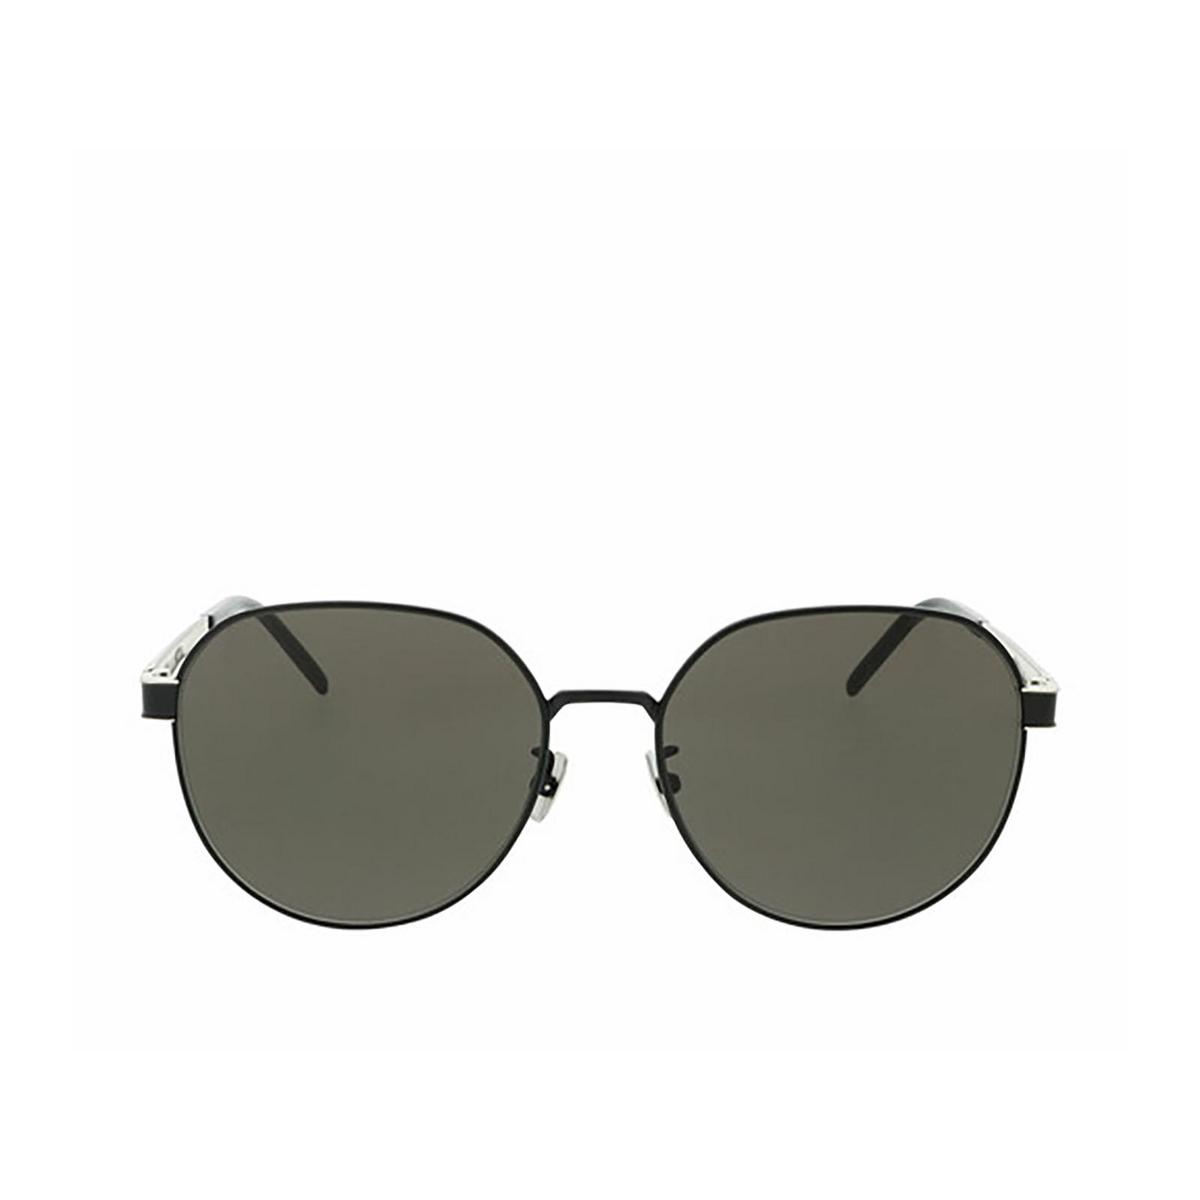 Saint Laurent® Round Sunglasses: SL M66 color Black 002 - front view.